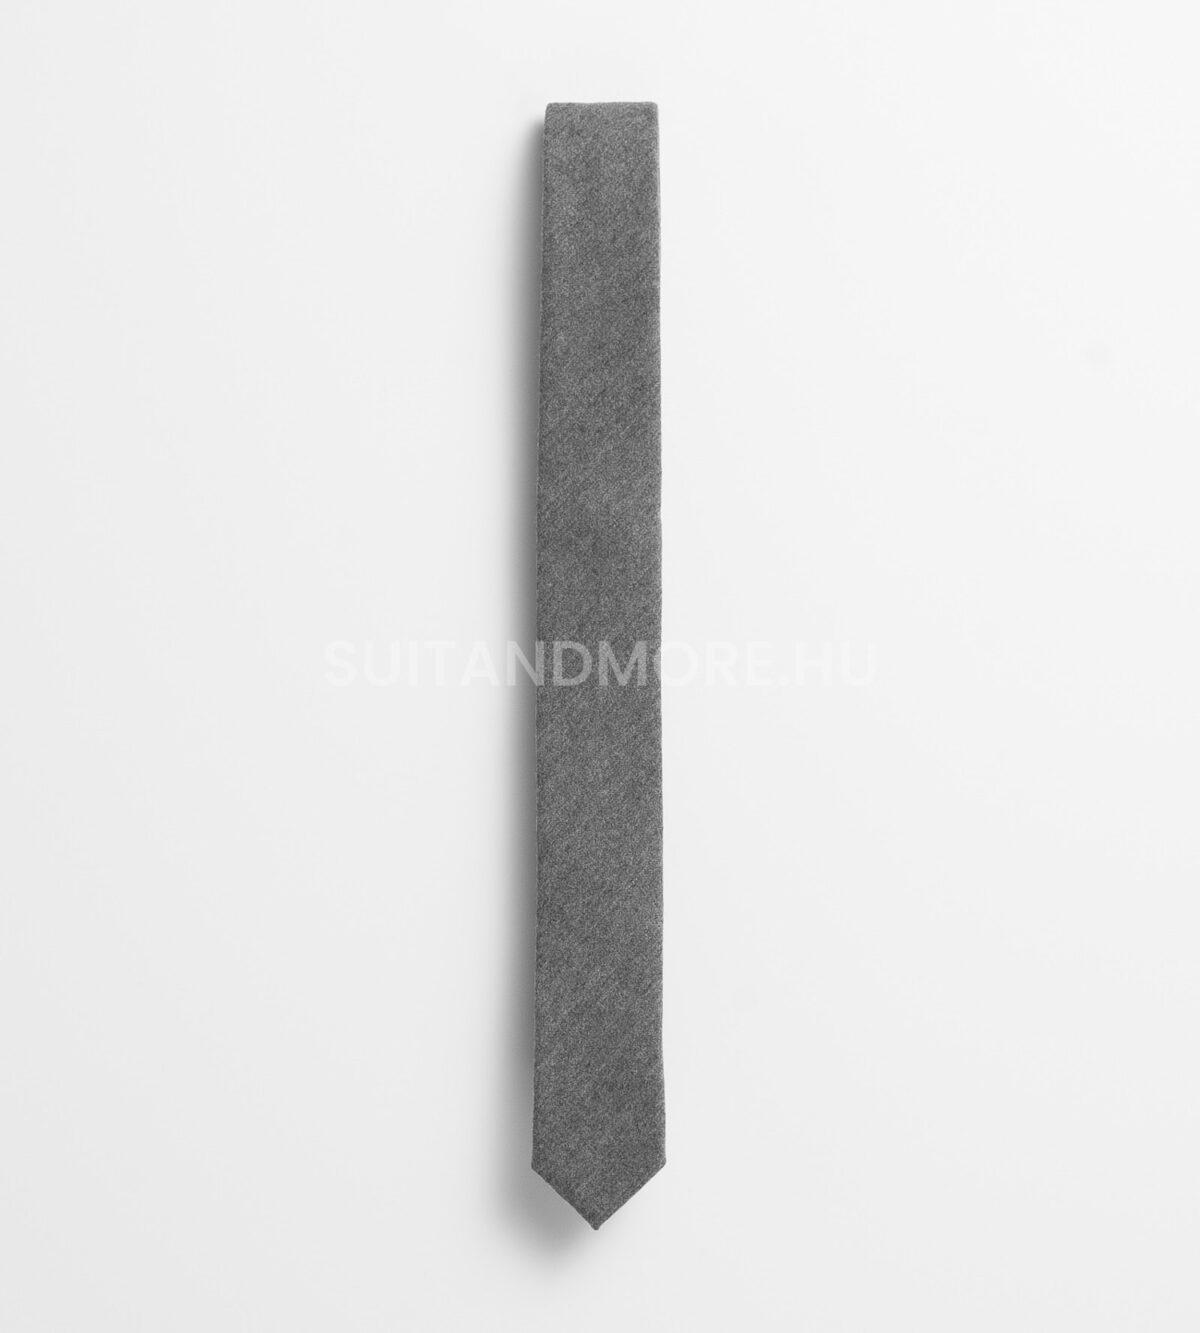 dunhill-strukturalt-szurke-gyapju-nyakkendo-dunhill-1269030-48-03